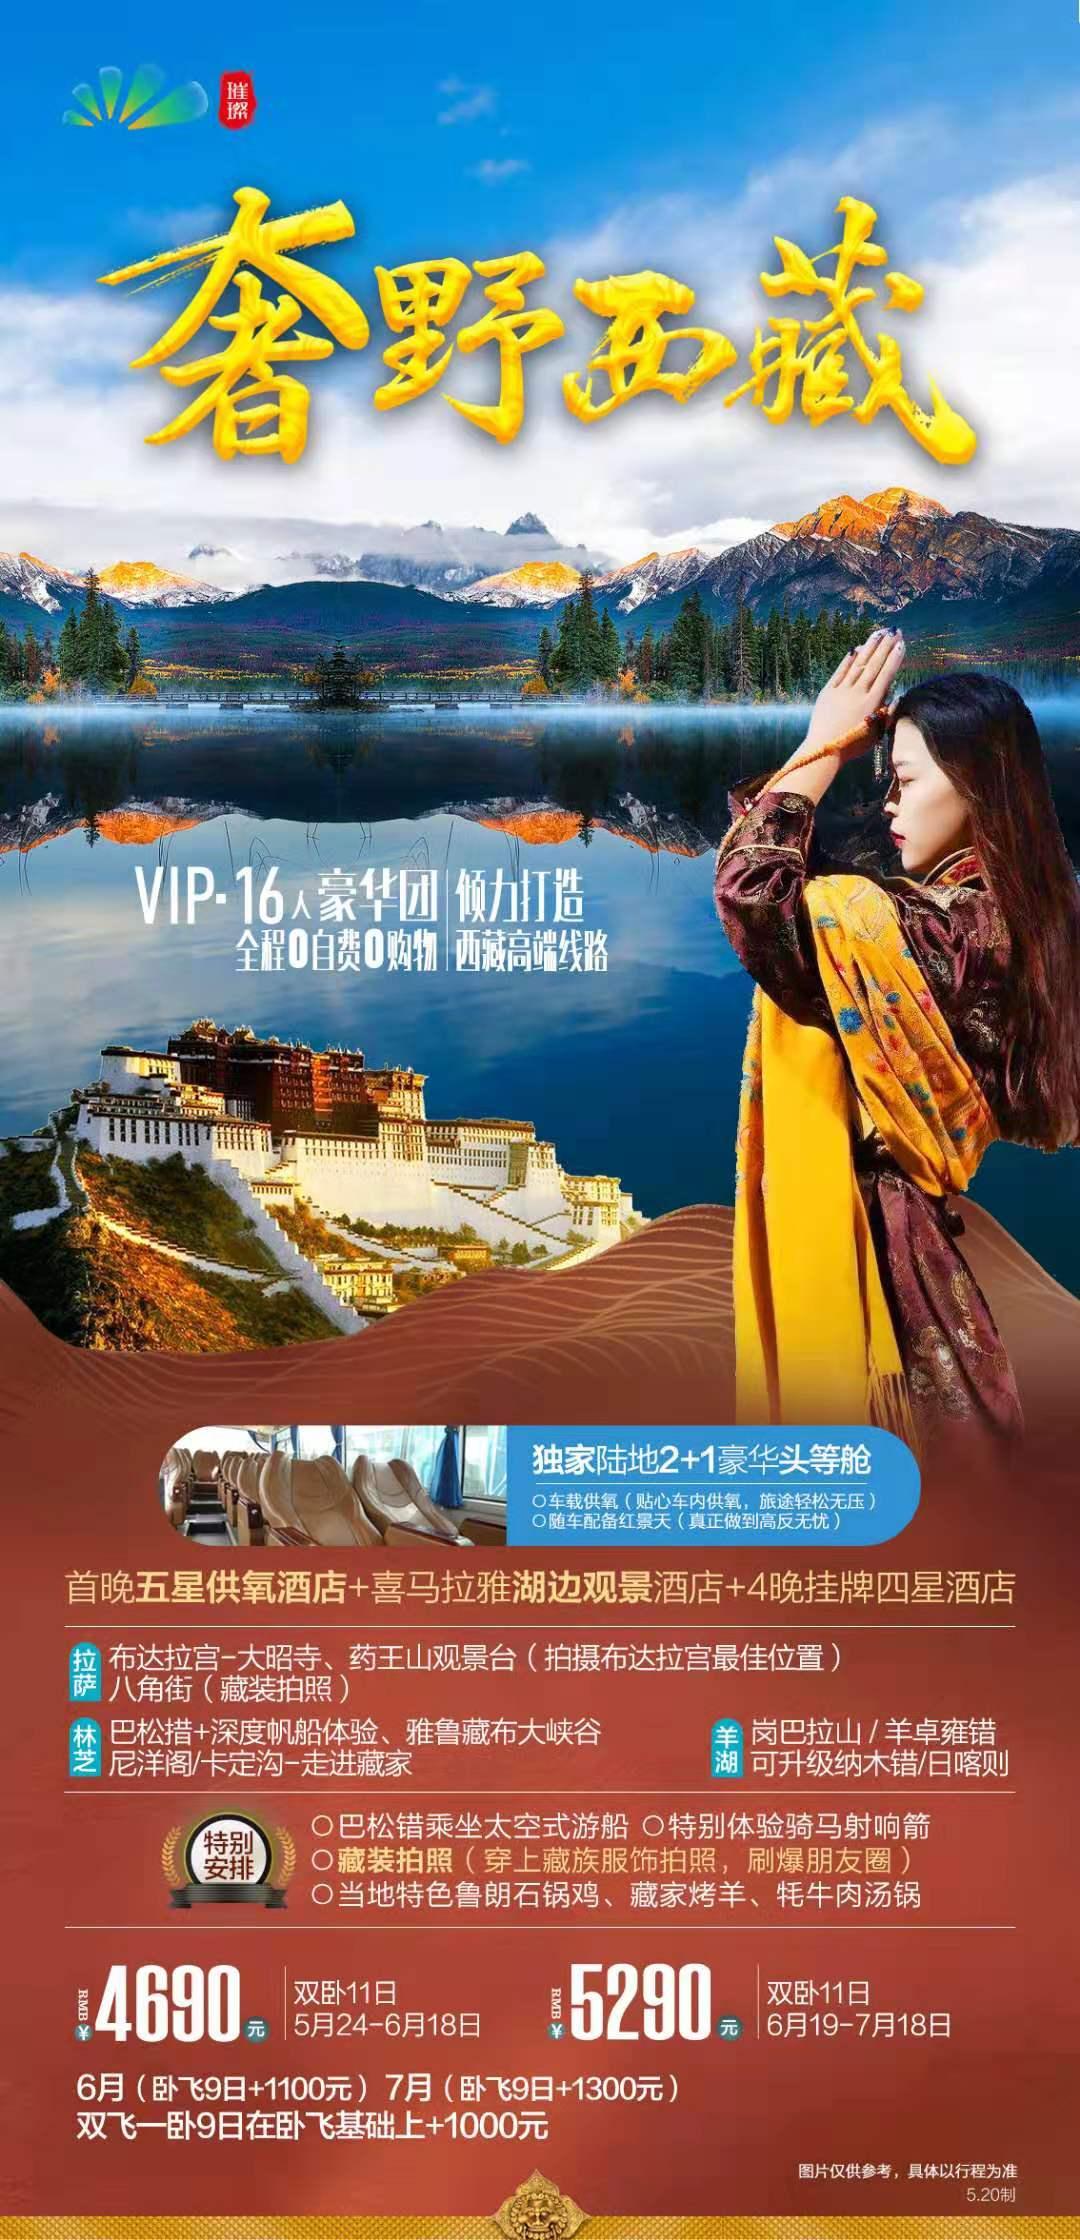 西藏高端线路